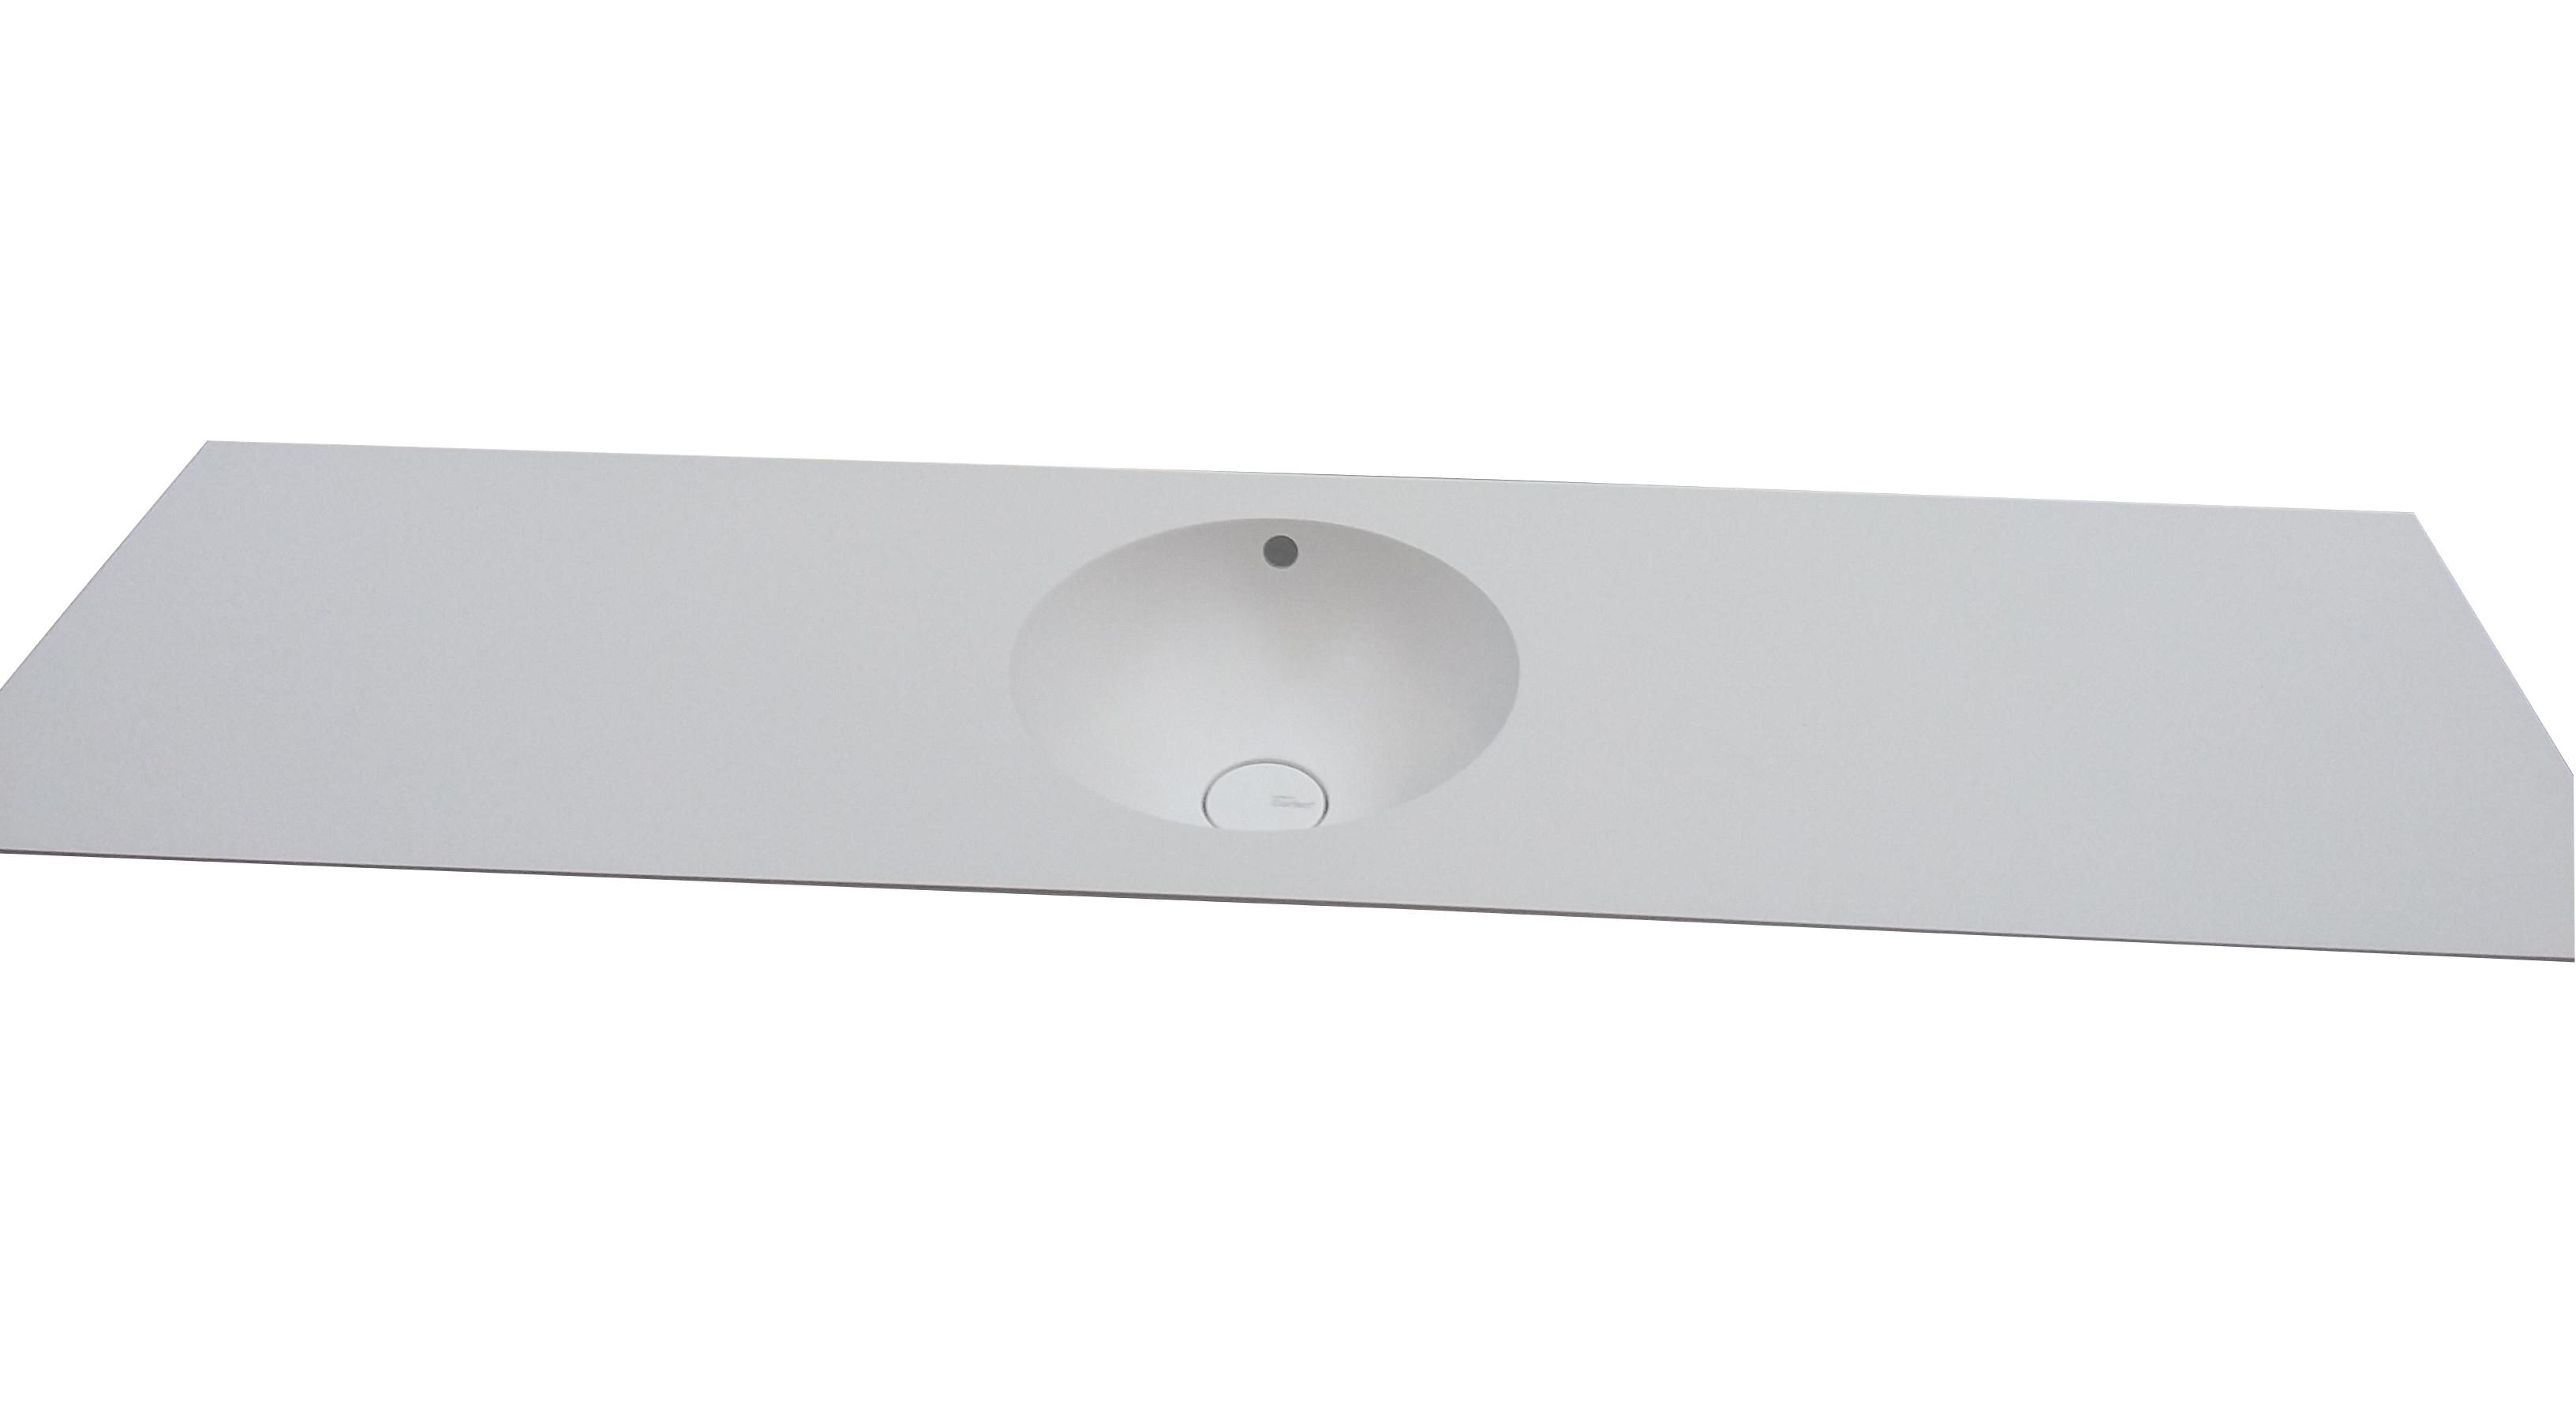 Dupont Corian bordplade til badeværelse med isvejst corianvask Dupont  Purity 7210, farve Glacier White.